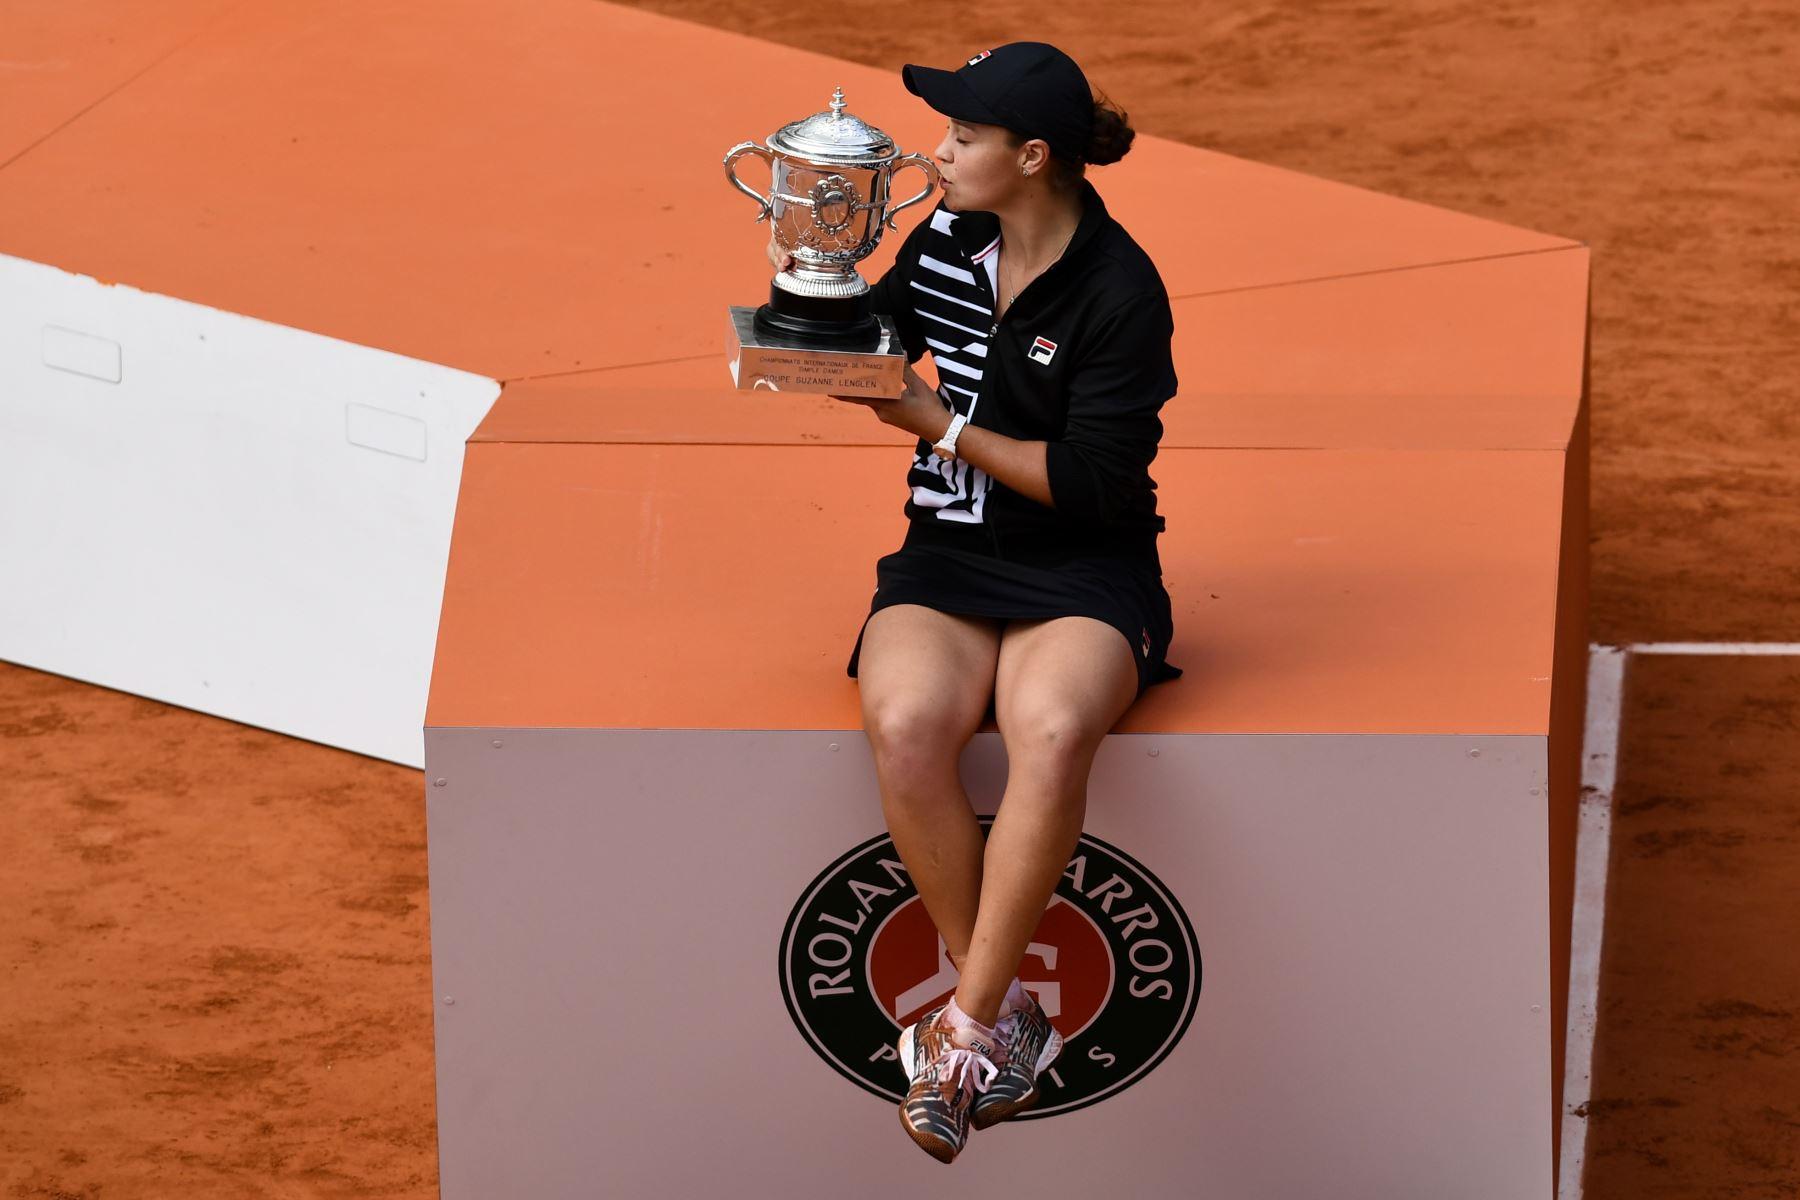 Ashleigh Barty, de Australia, besa el trofeo Suzanne Lenglen después de ganar contra Marketa Vondrousova de República Checa al final del partido final de individuales femenino del torneo de tenis abierto francés Roland Garros. Foto:AFP